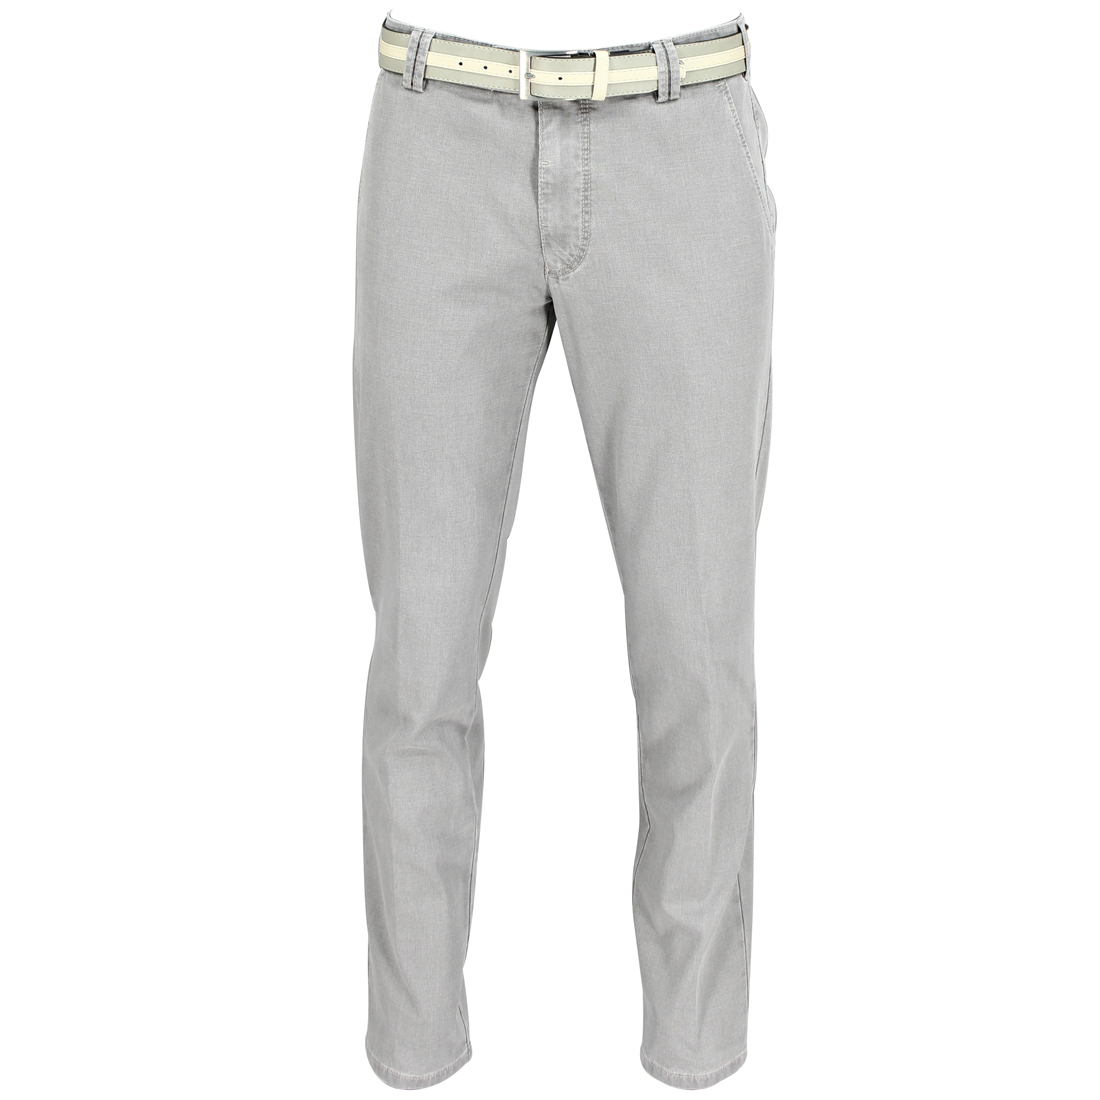 Meyer Hosen broeken 1021500400 in het Donker grijs